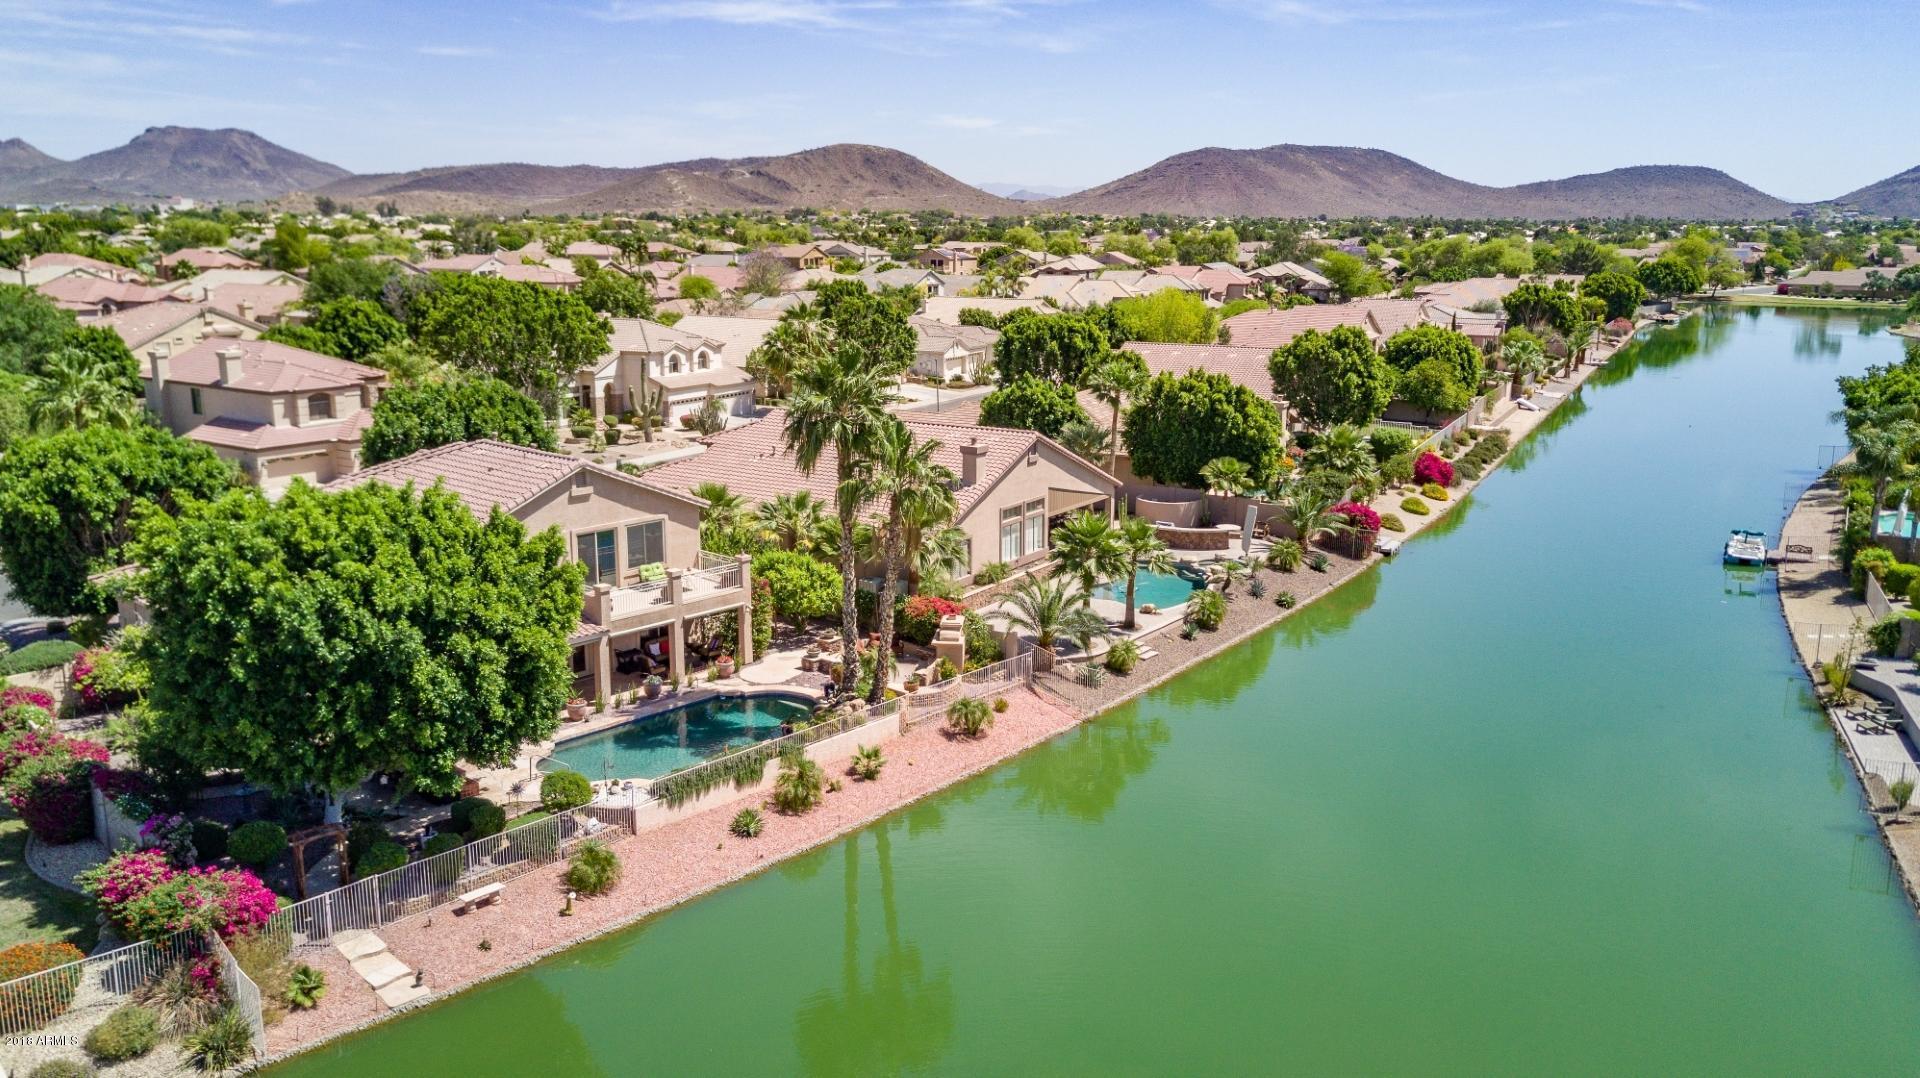 MLS 5756413 7027 W FIREBIRD Drive, Glendale, AZ 85308 Glendale AZ Lake Subdivision